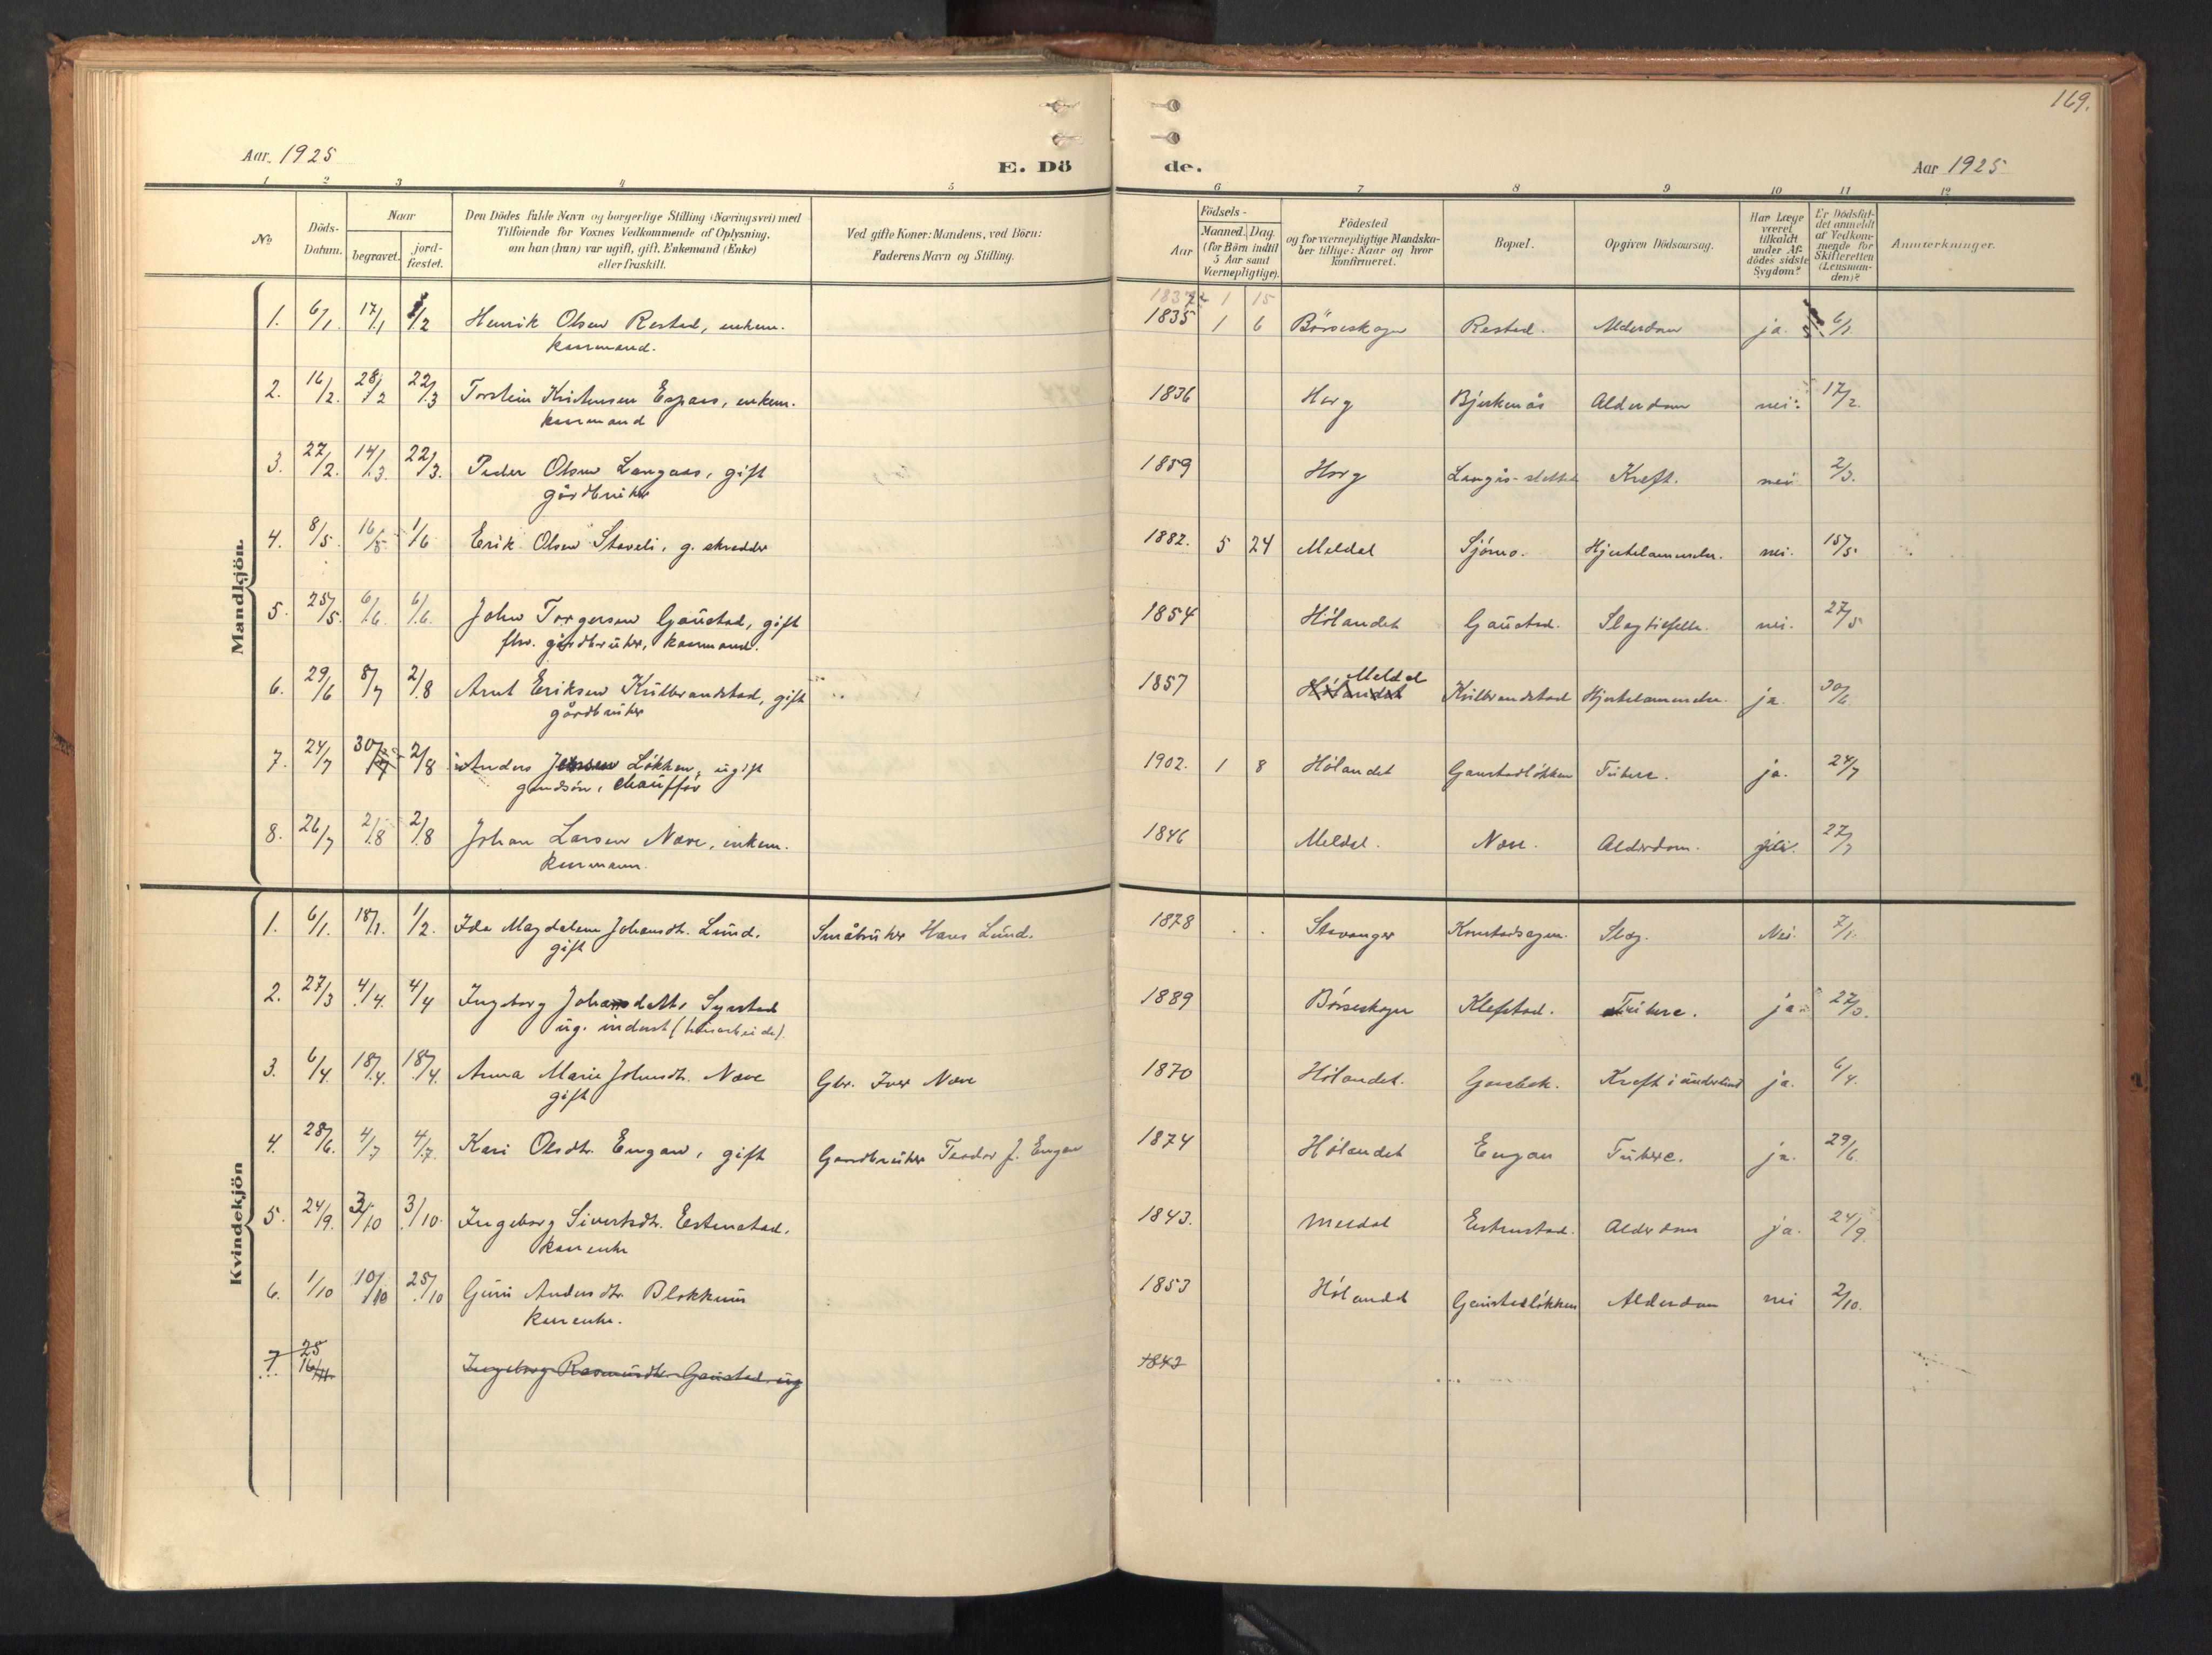 SAT, Ministerialprotokoller, klokkerbøker og fødselsregistre - Sør-Trøndelag, 694/L1128: Ministerialbok nr. 694A02, 1906-1931, s. 169